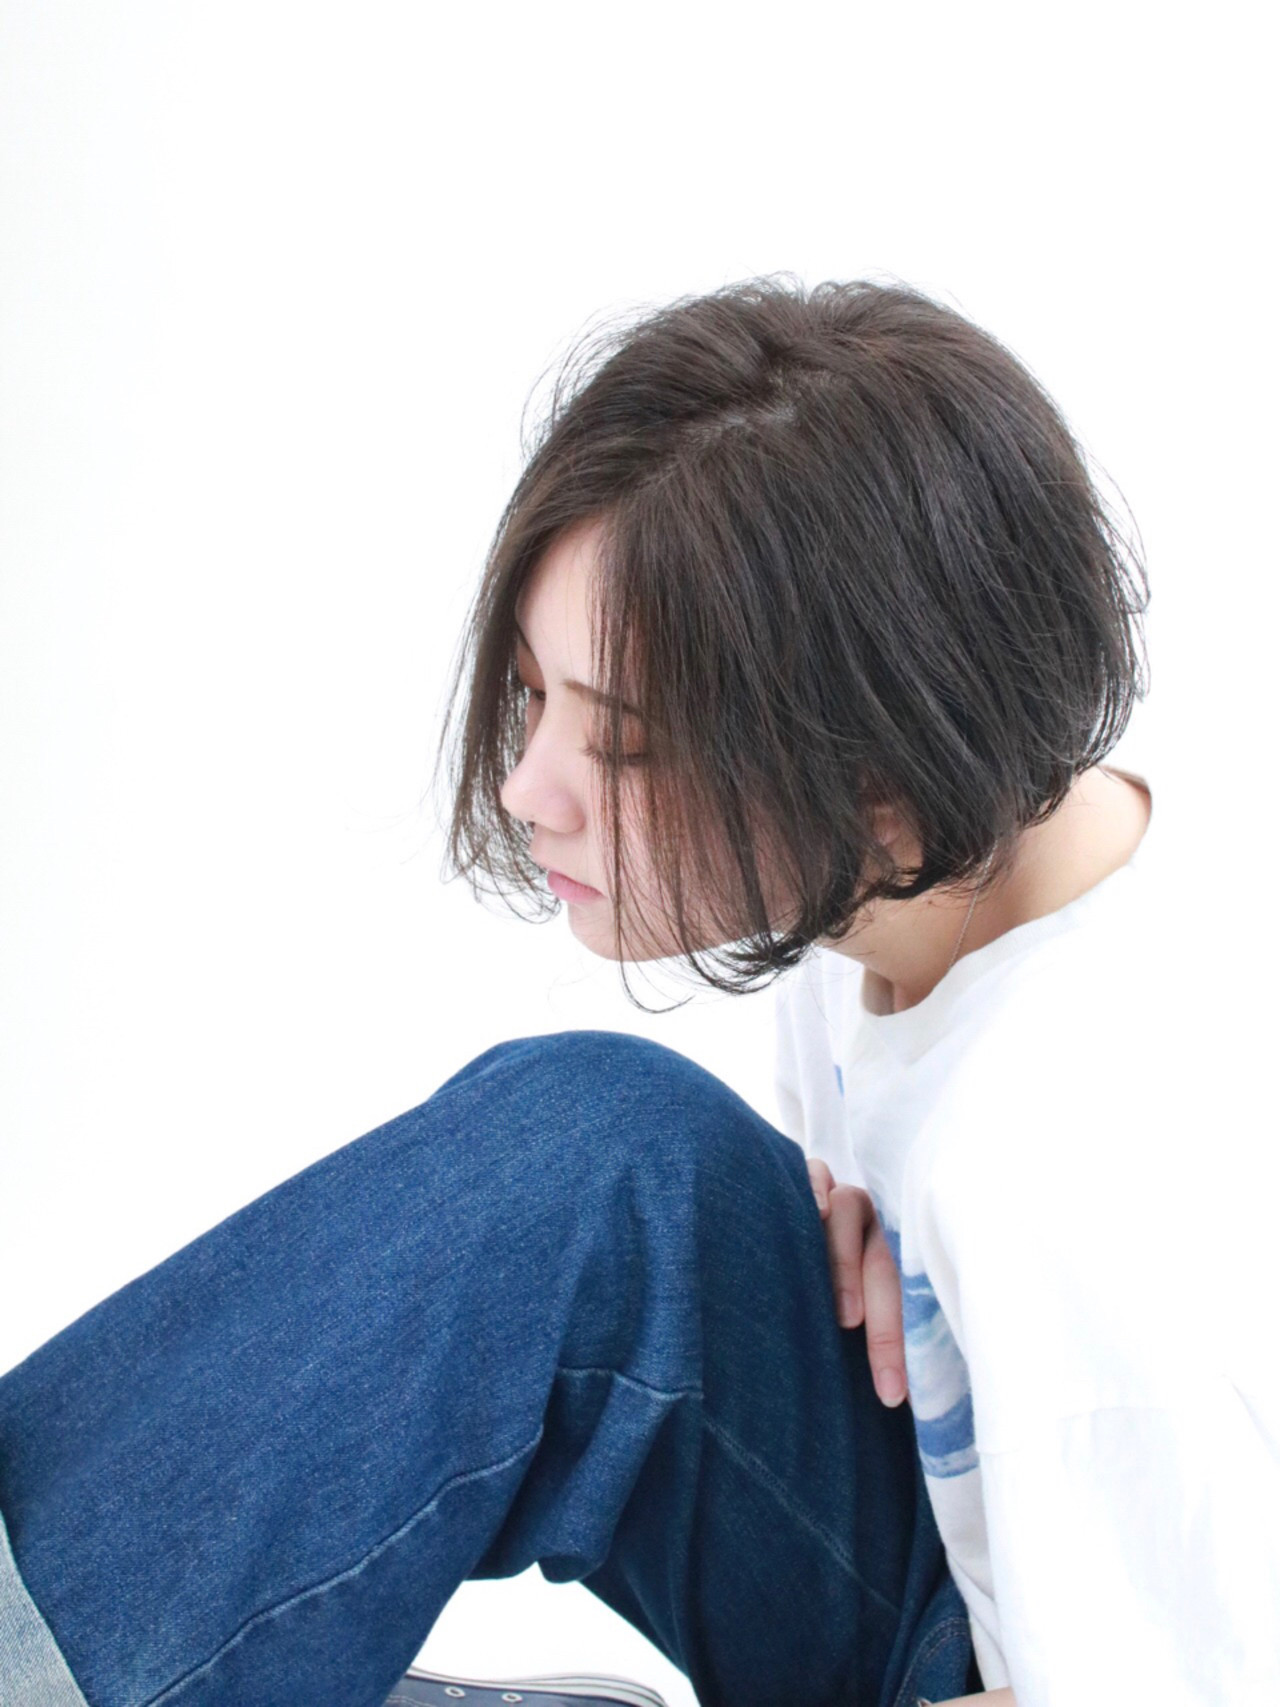 アッシュ ゆるふわ 似合わせ 小顔 ヘアスタイルや髪型の写真・画像 | 中山栄一 / hair&make flor